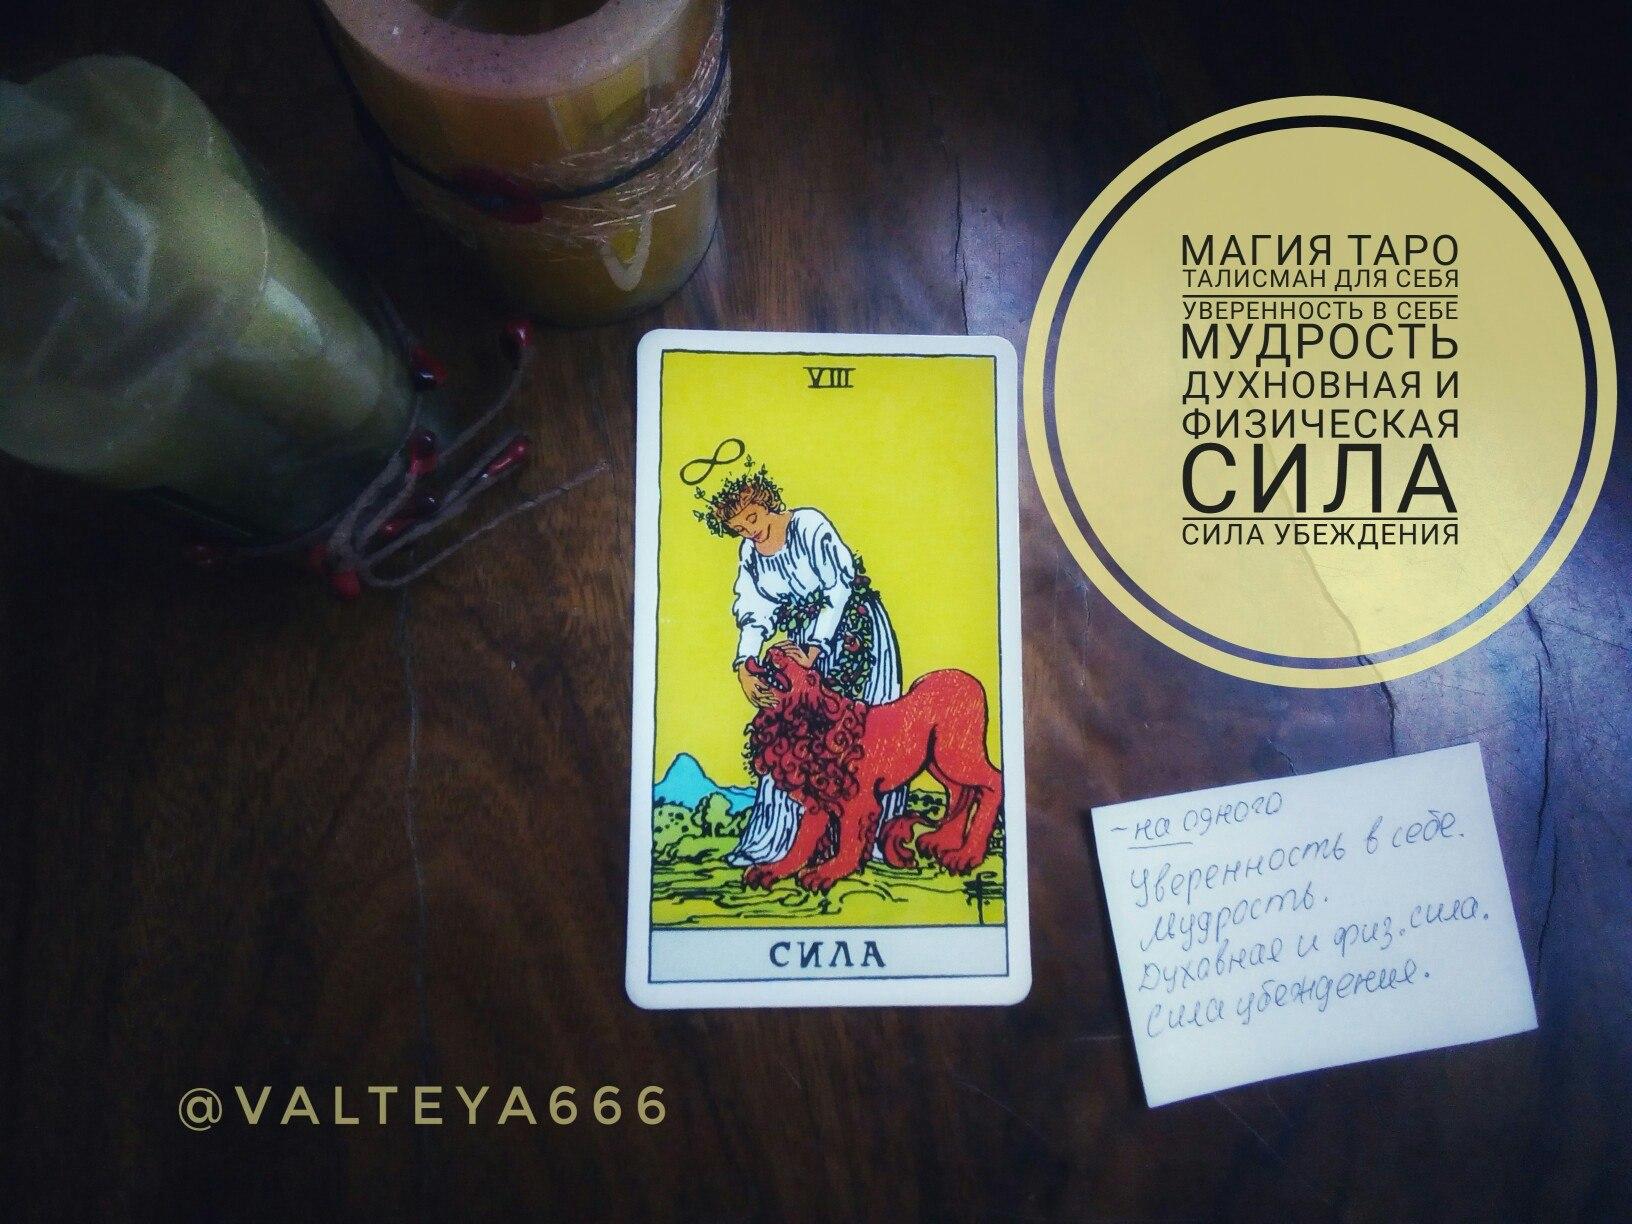 Хештег таро на   Салон Магии и мистики Елены Руденко ( Валтеи ). Киев ,тел: 0506251562  FA9LHoOhrPU